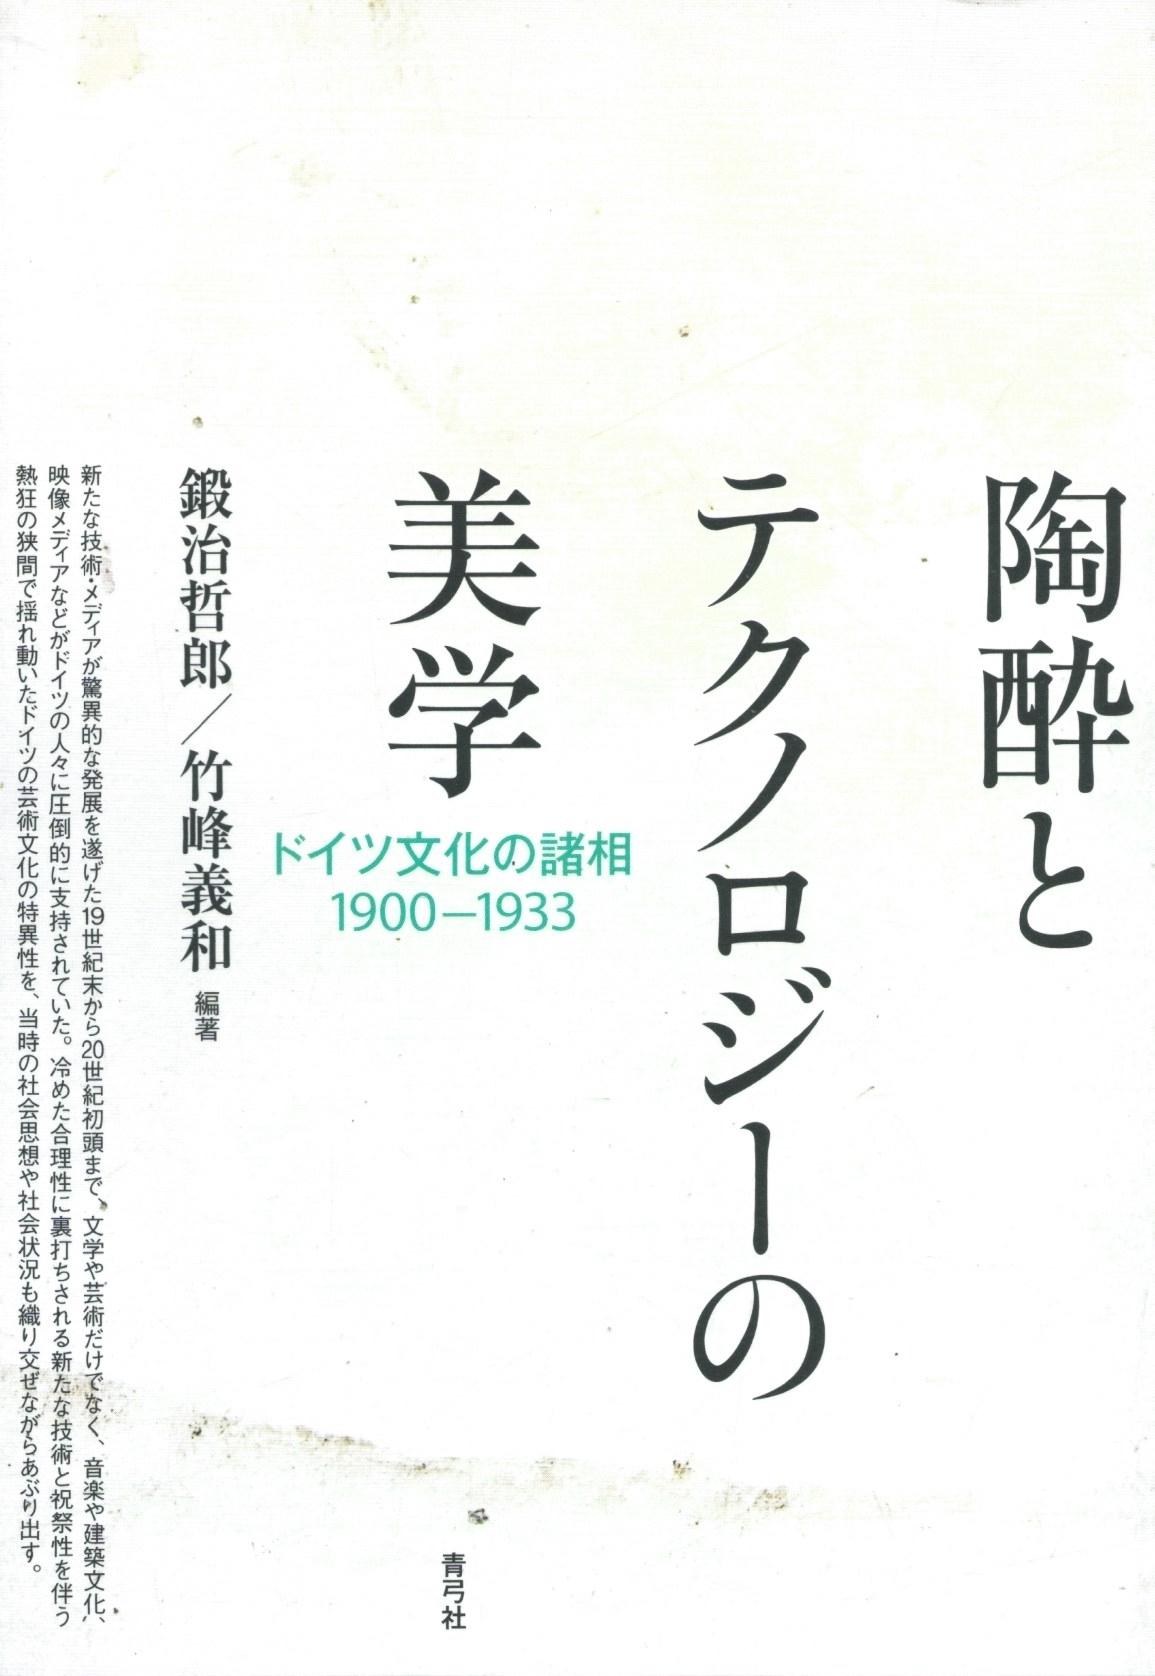 陶酔とテクノロジーの美学 ドイツ文化の諸相1900―1933[バーゲンブック]